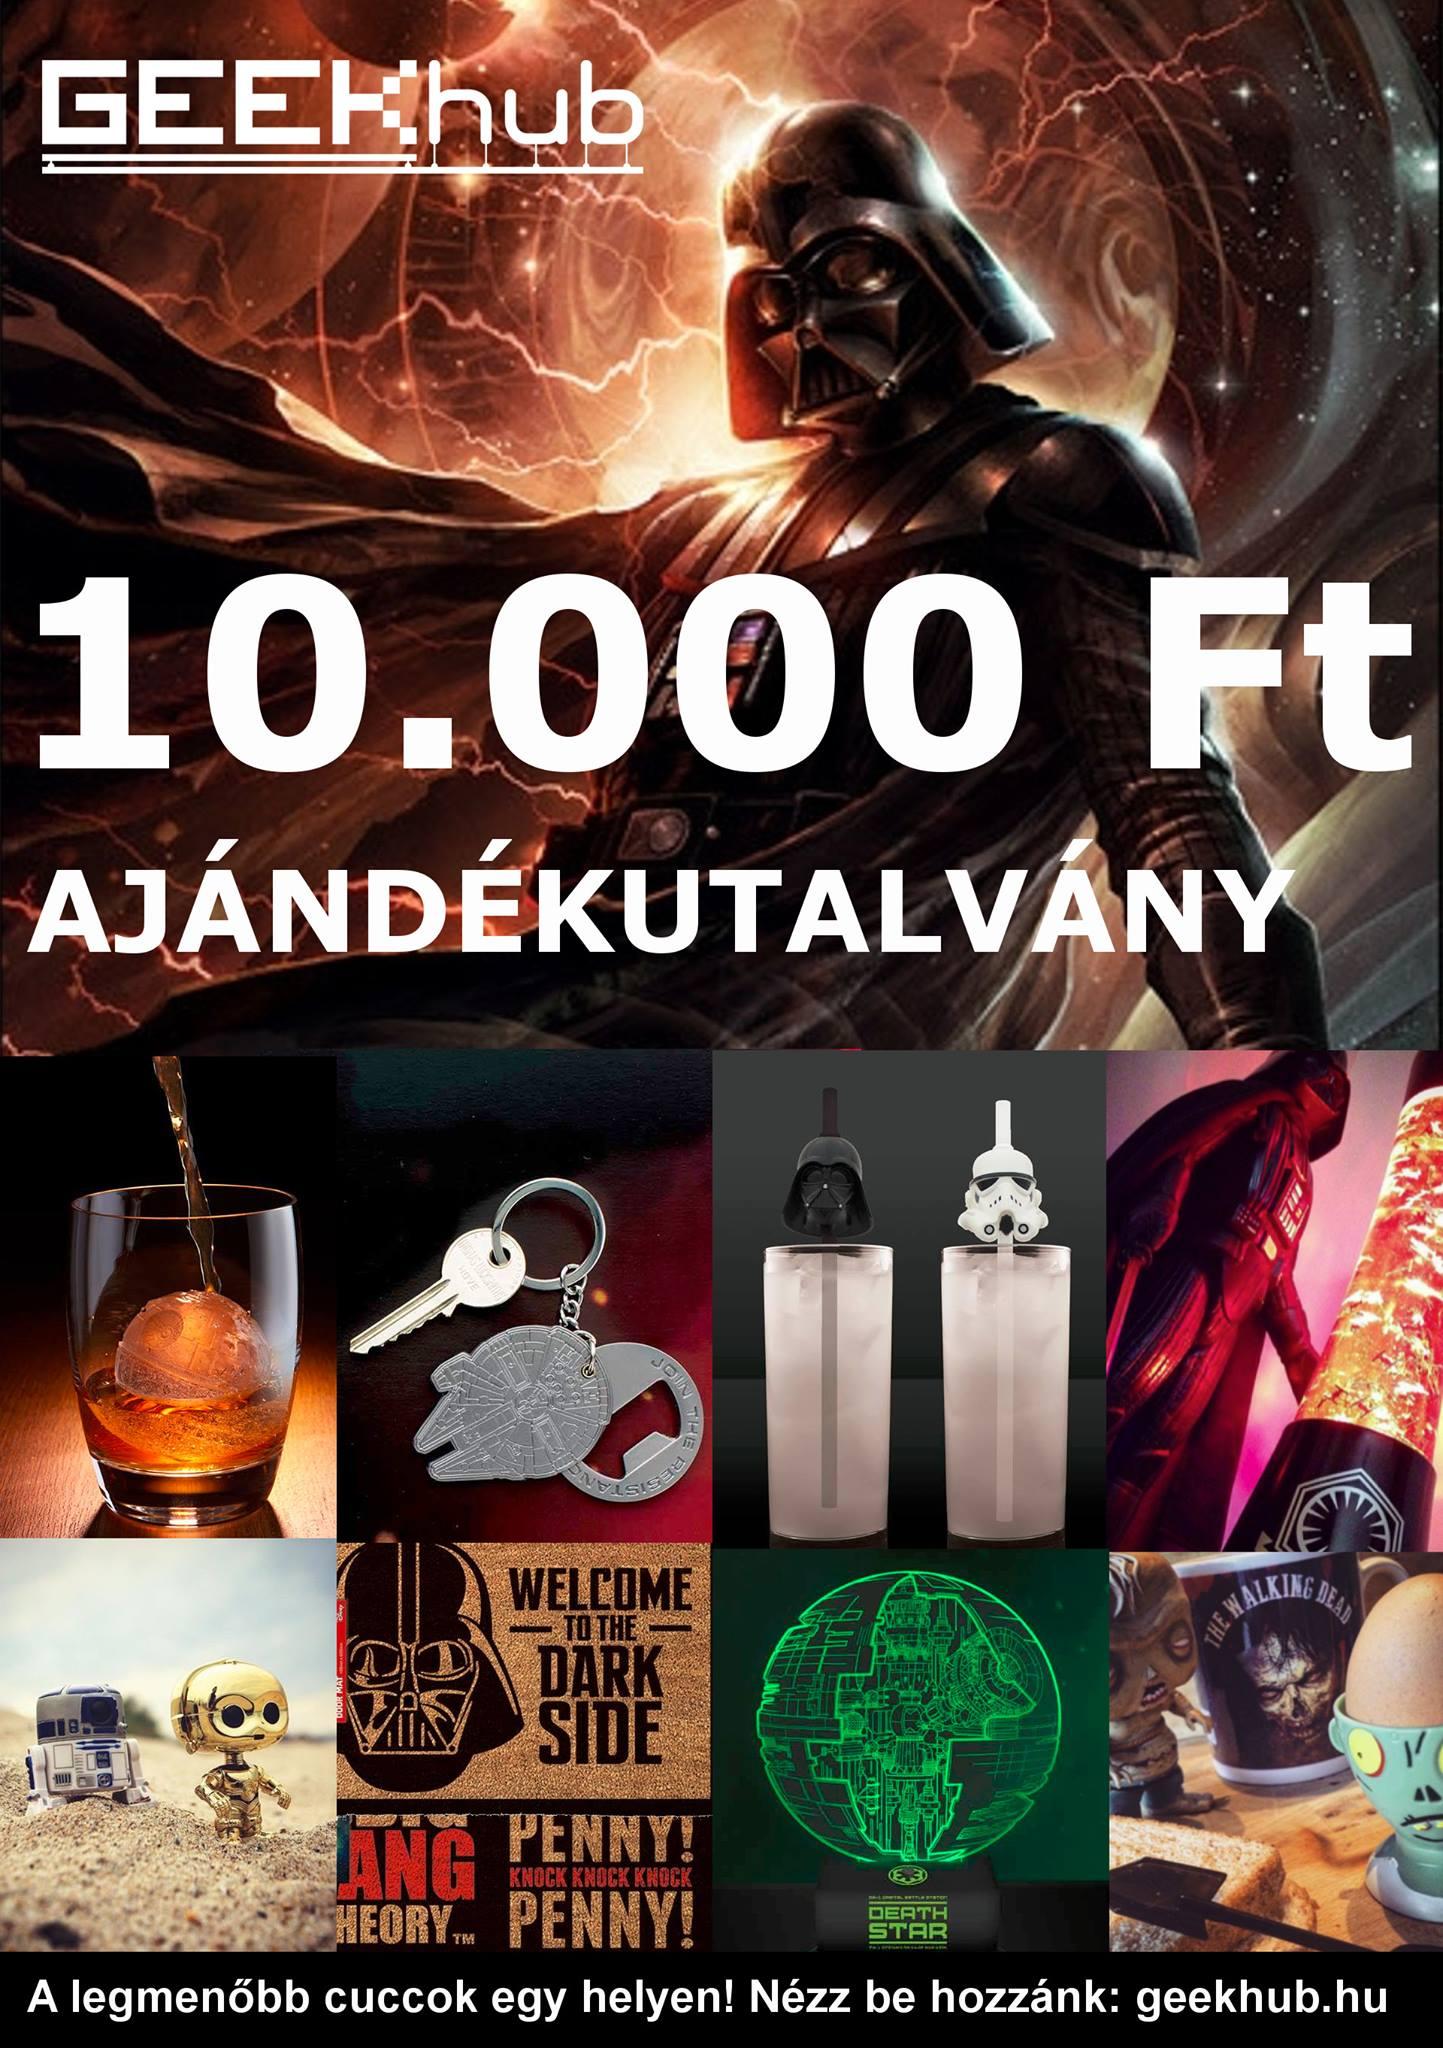 geekhub ajánédkiralvány 10000